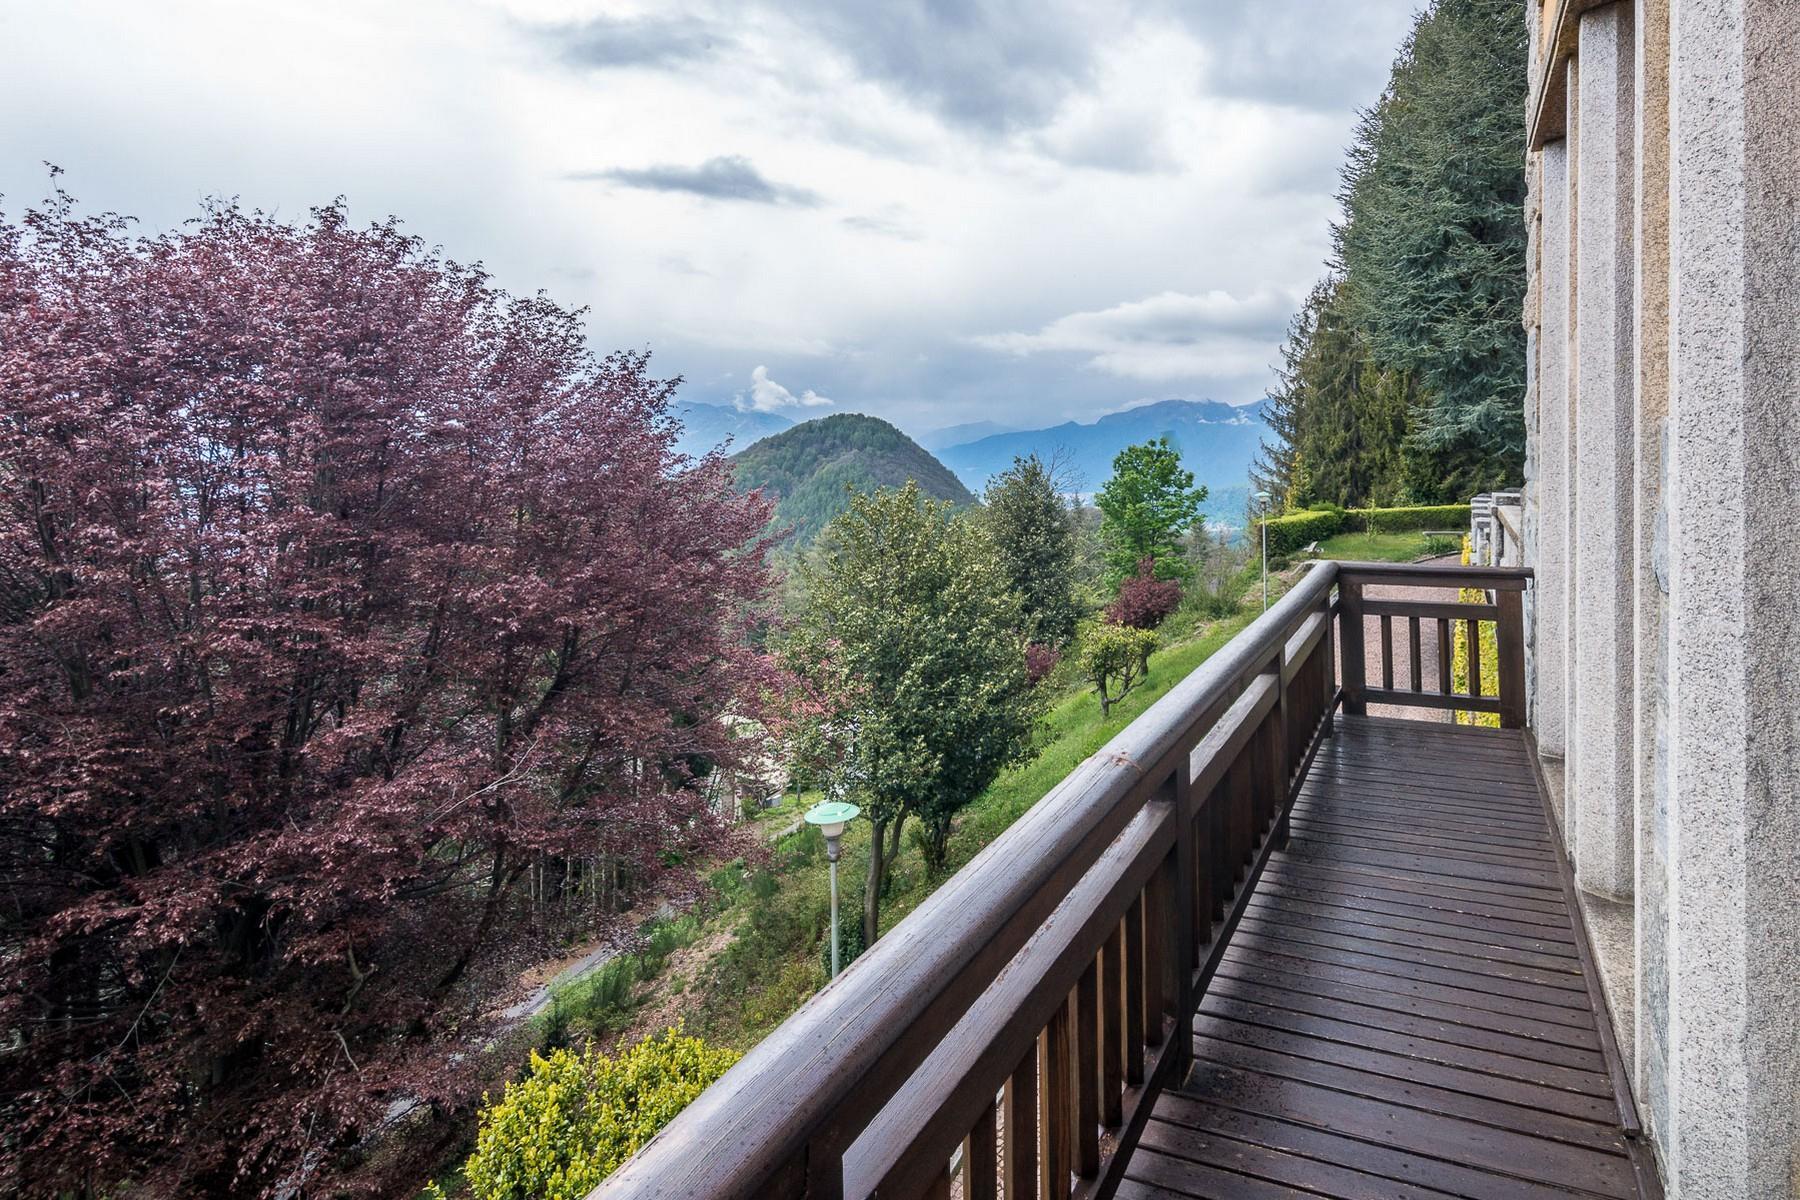 Historische Villa im jahrhundertalten Park am Lago Maggiore - 15